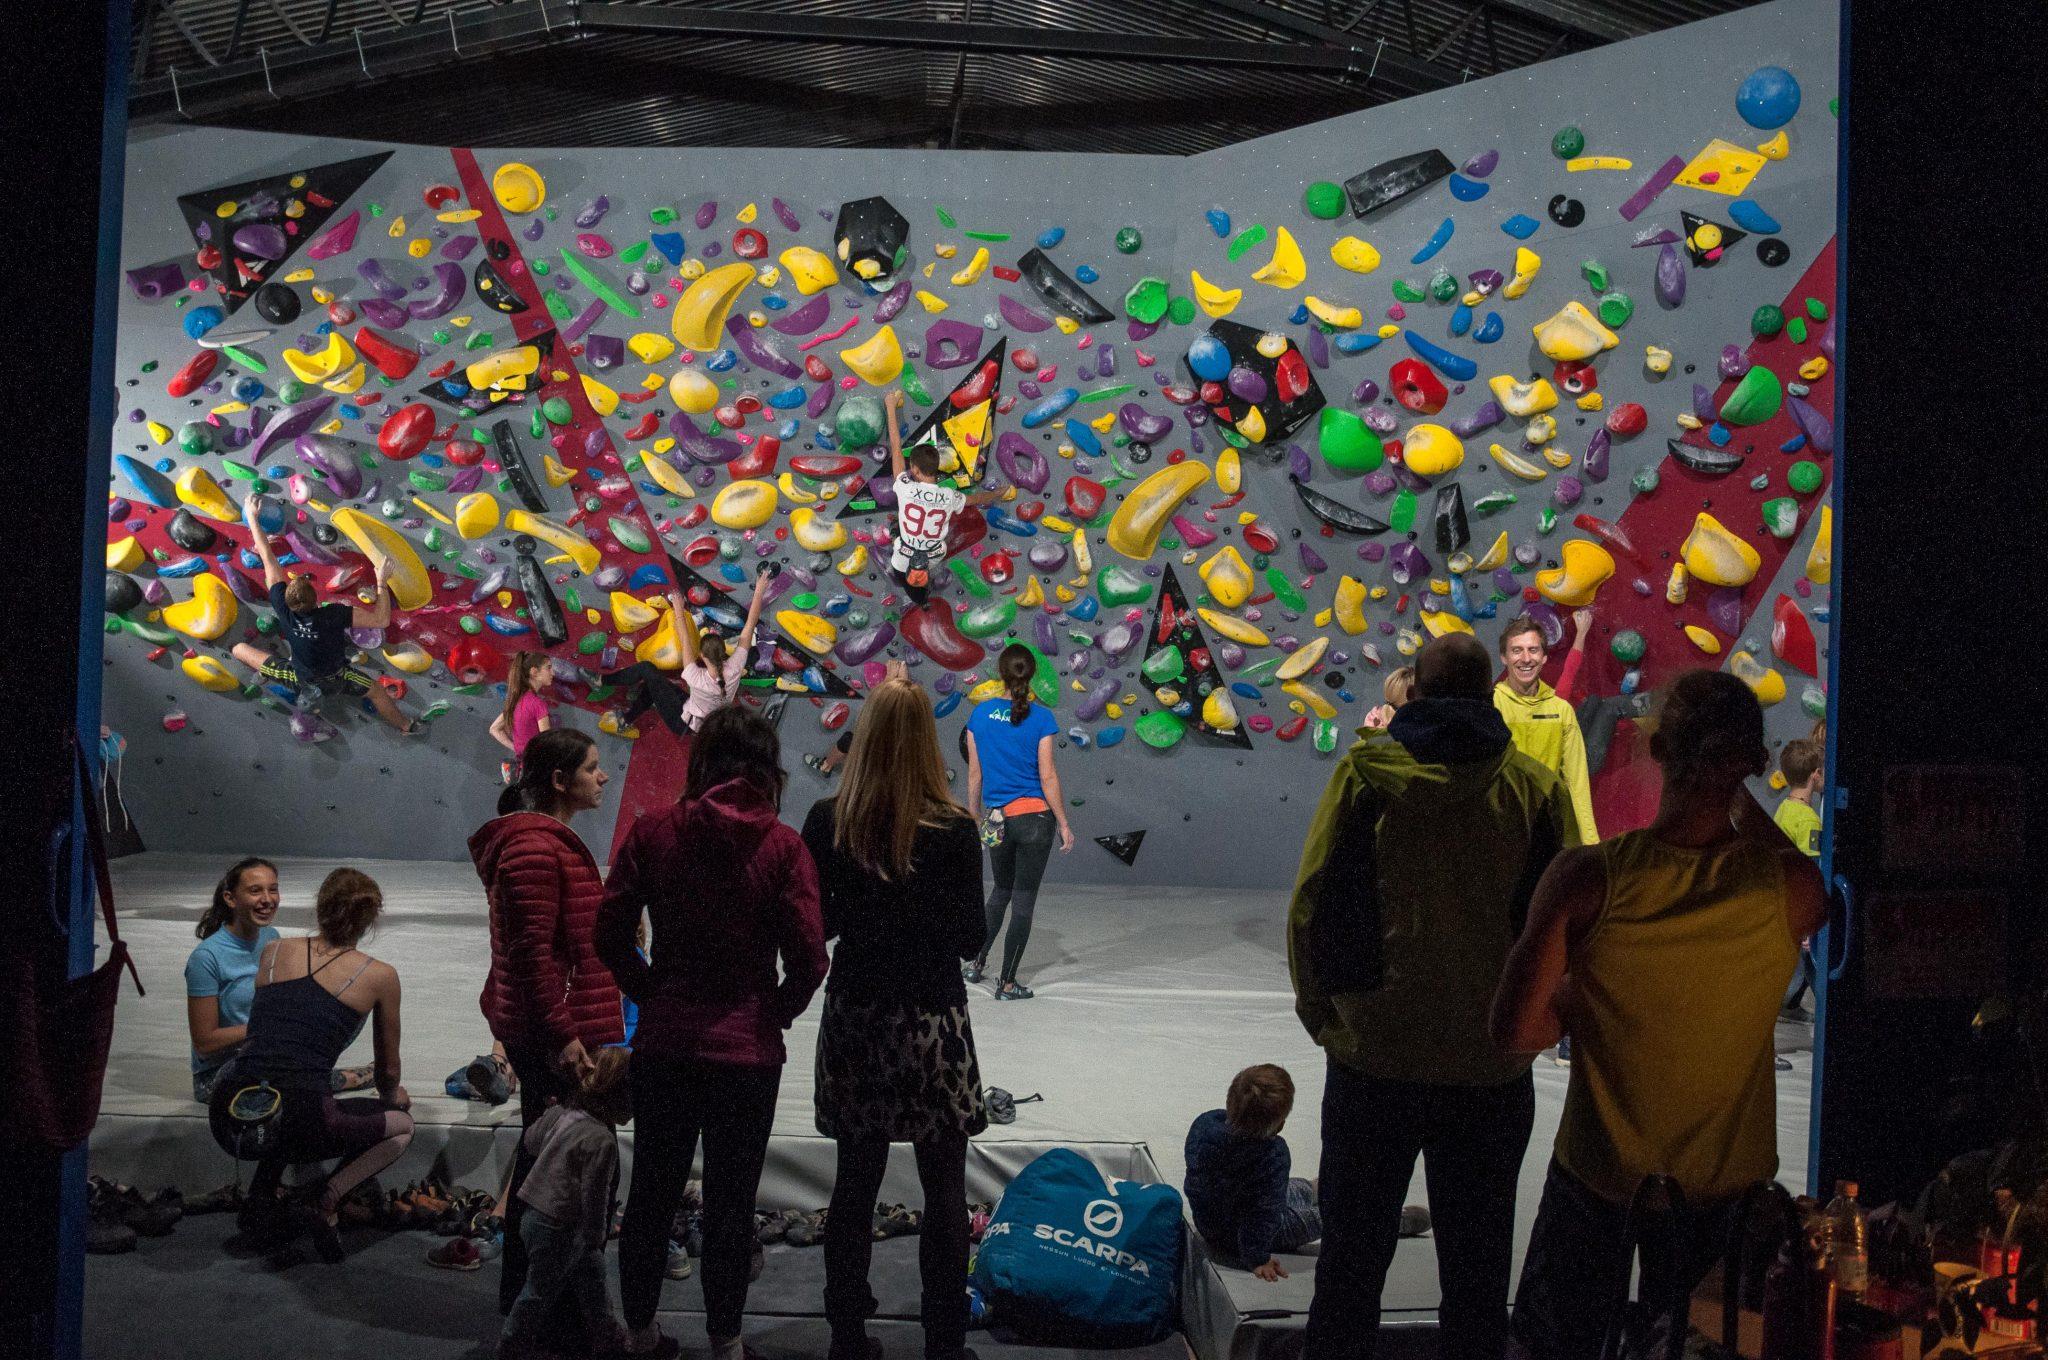 First ascent - Pričetek nove sezone – dnevi odprtih vrat